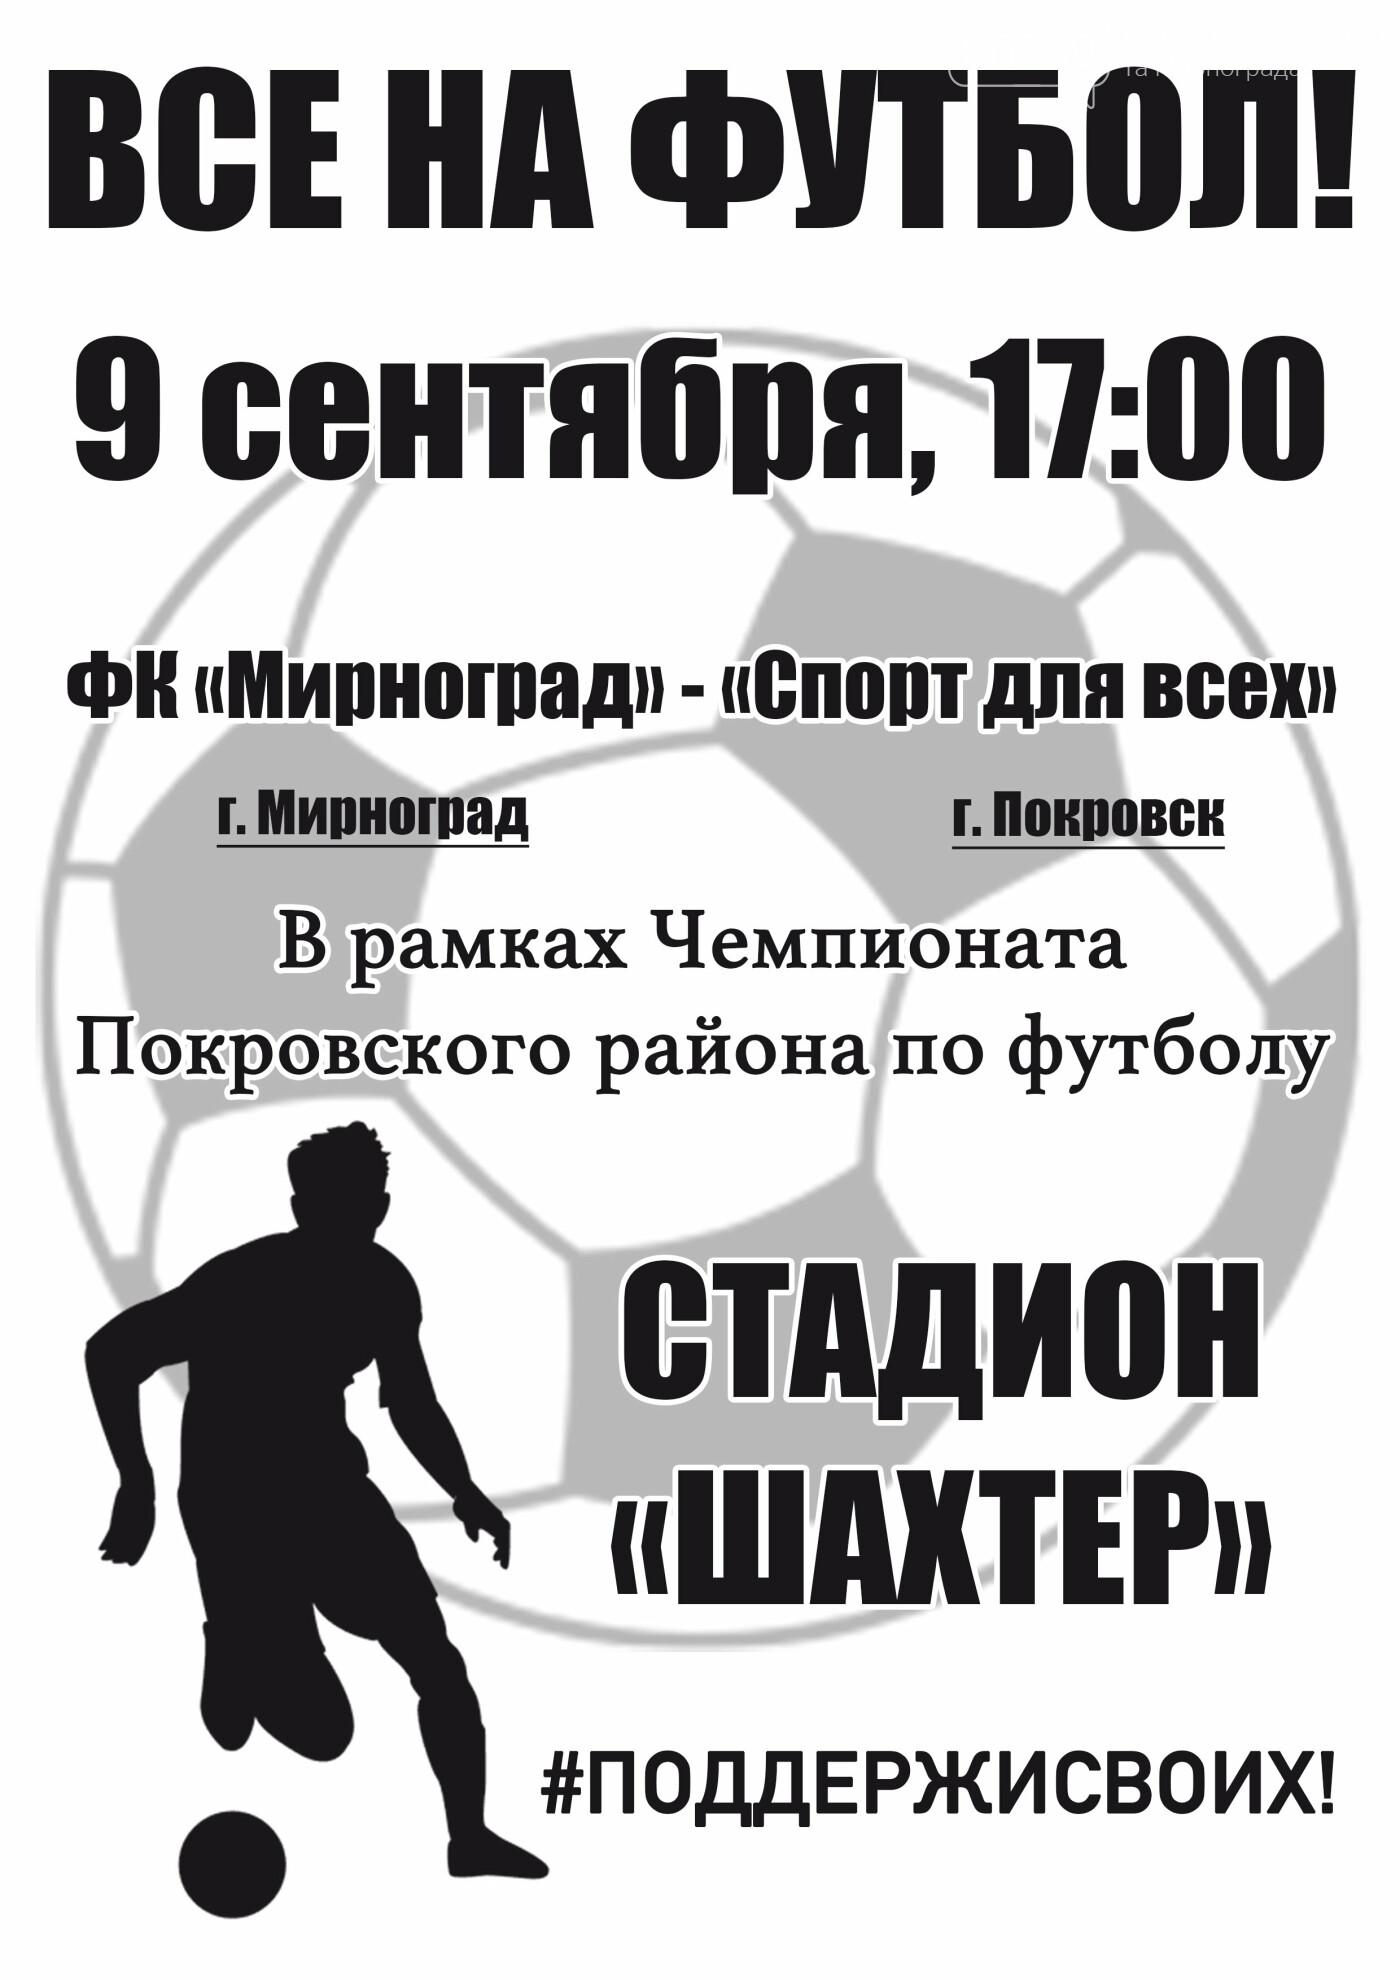 Жителей Мирнограда приглашают на футбол, матч состоится сегодня вечером , фото-1